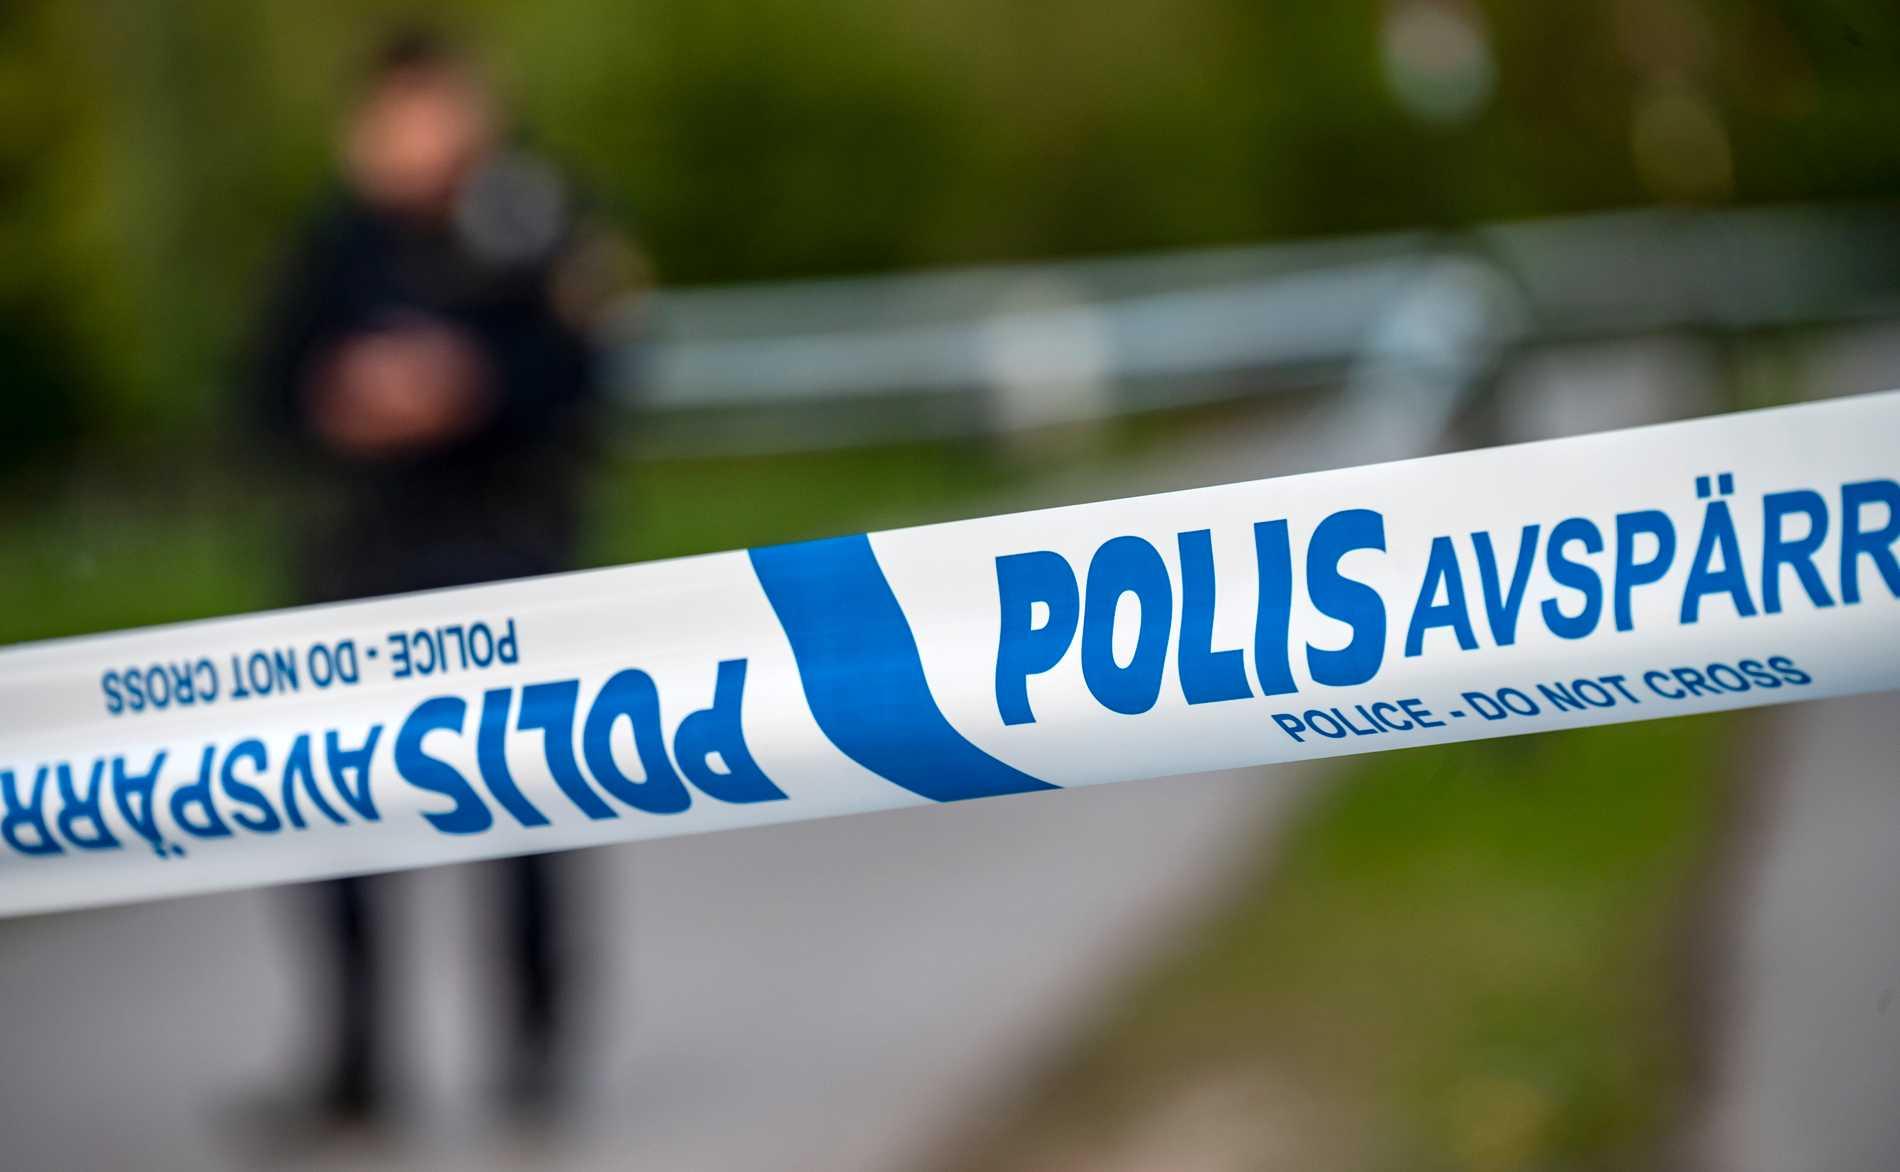 En utomhusvåldtäkt har skett i Växjö under natten. Arkivbild